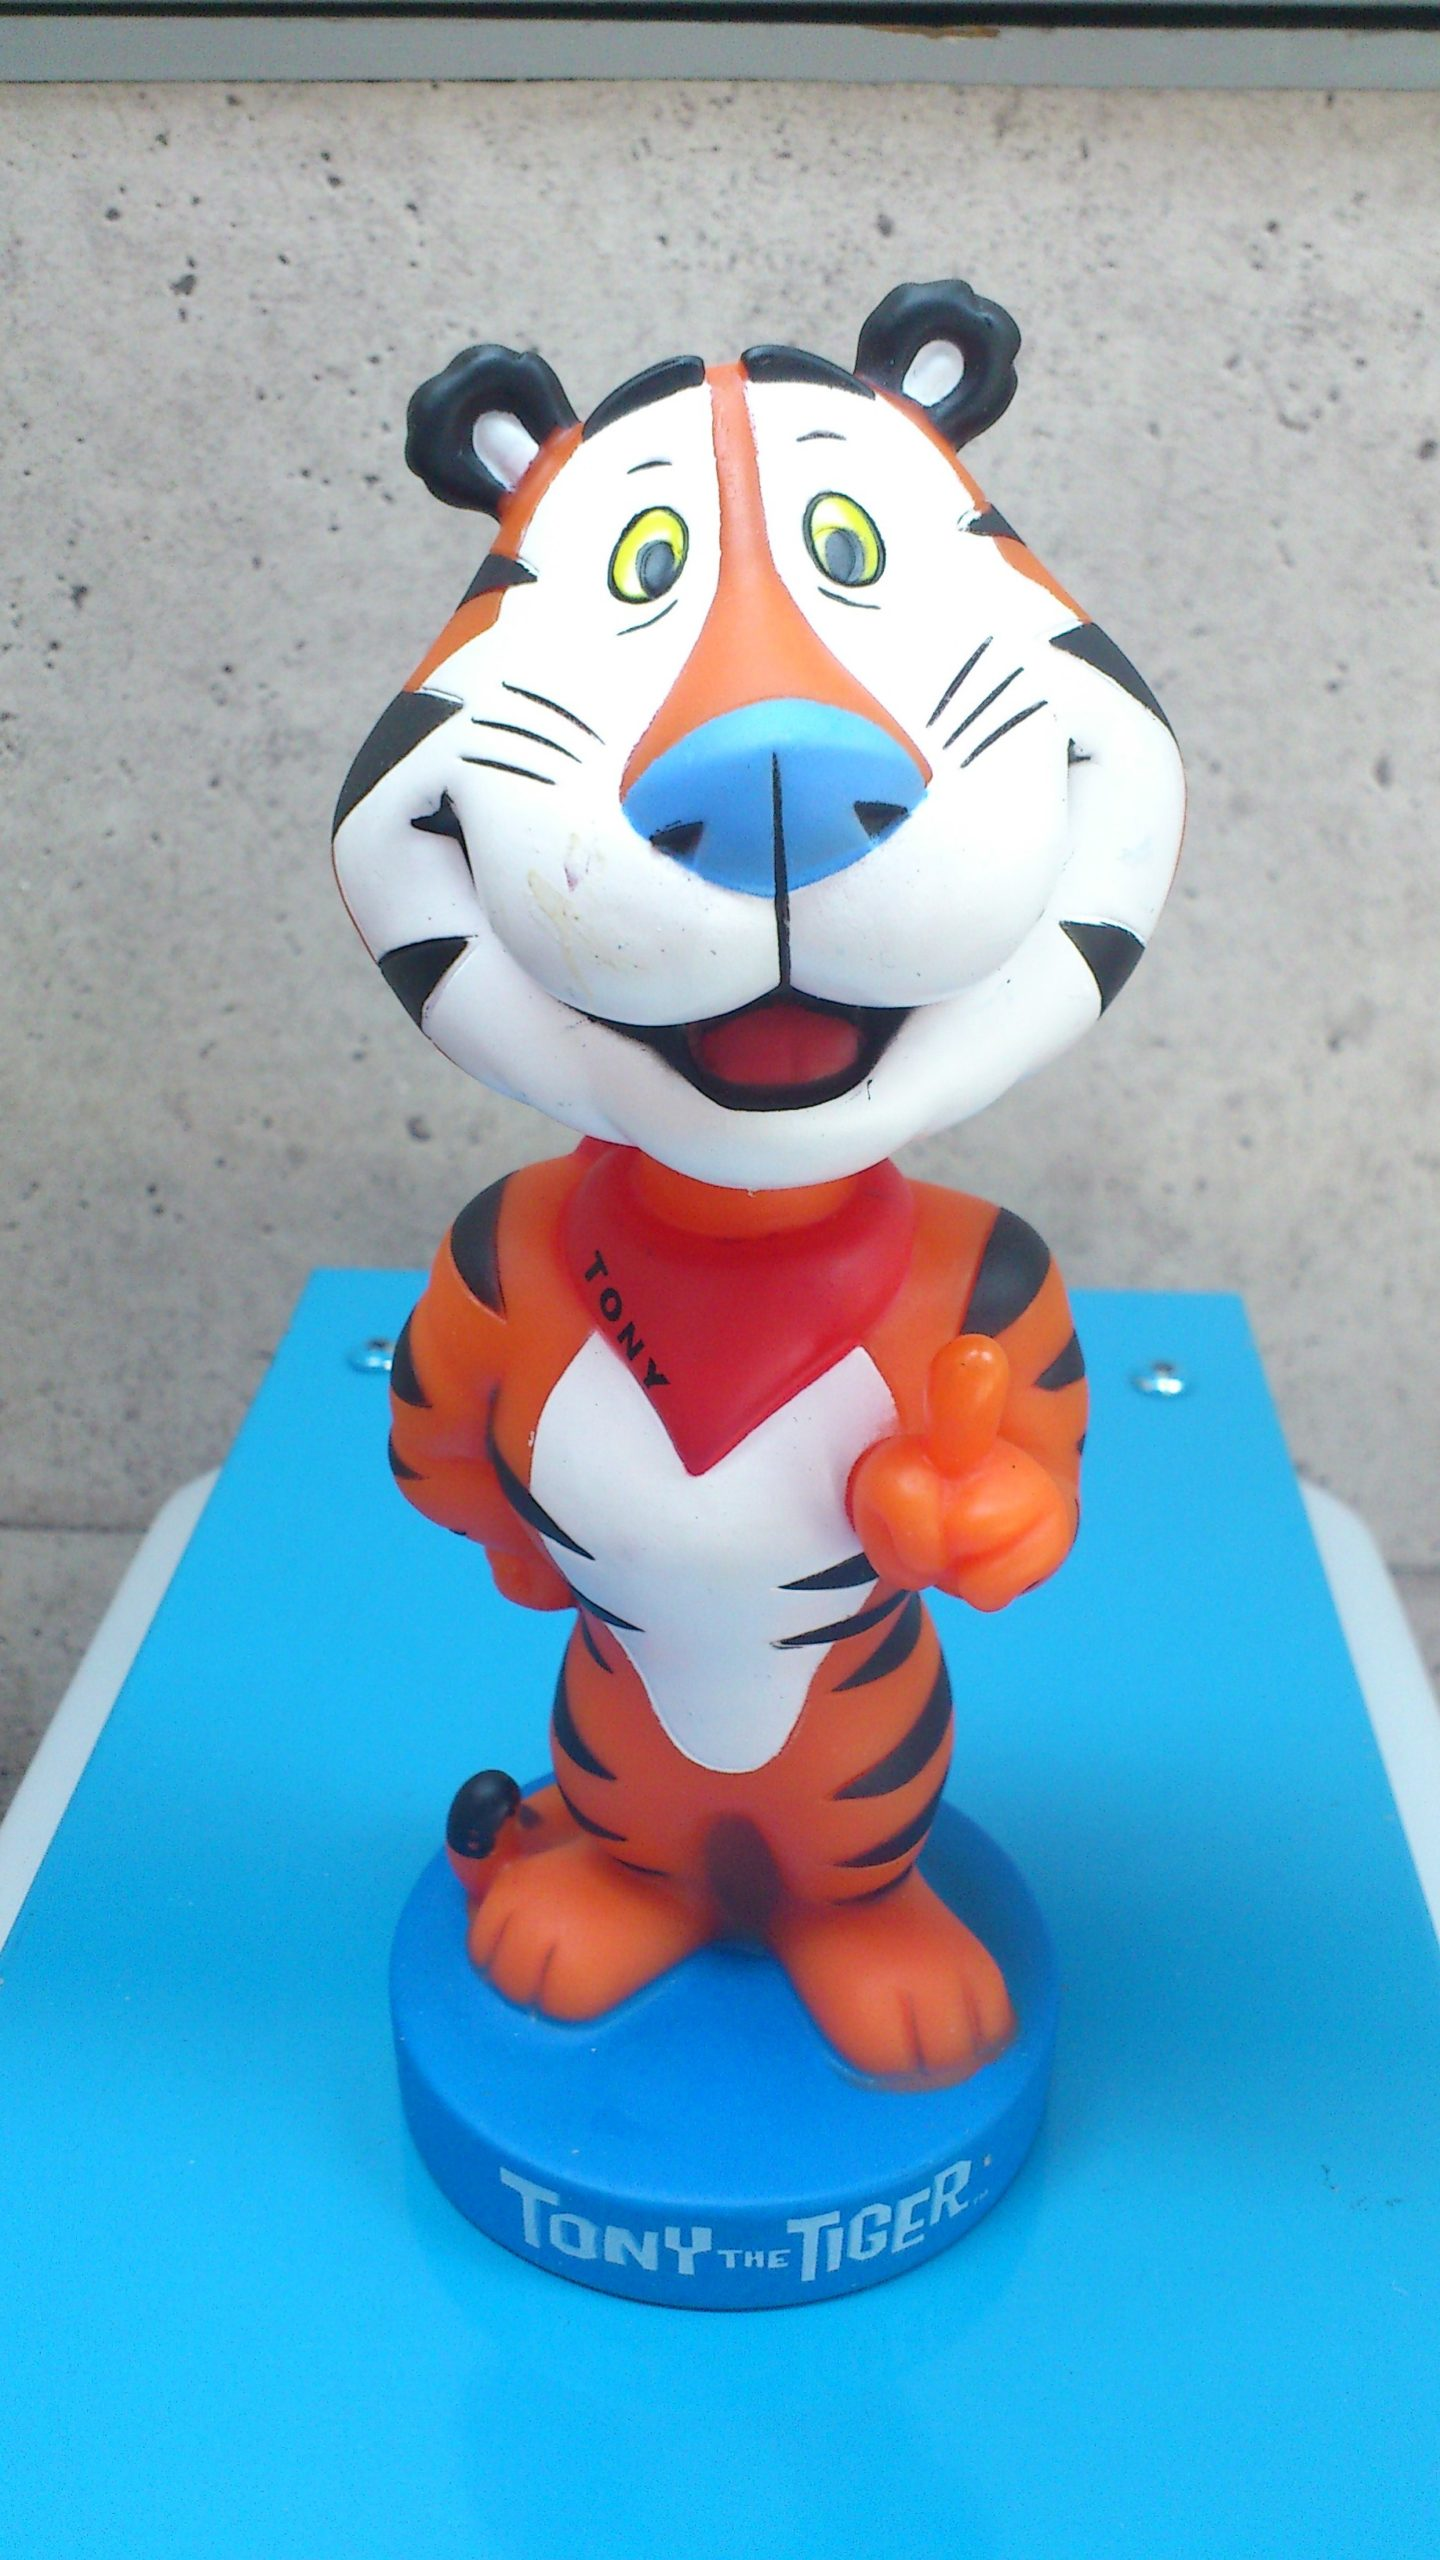 Tony the Tiger ・ボビングヘッドフィギュア